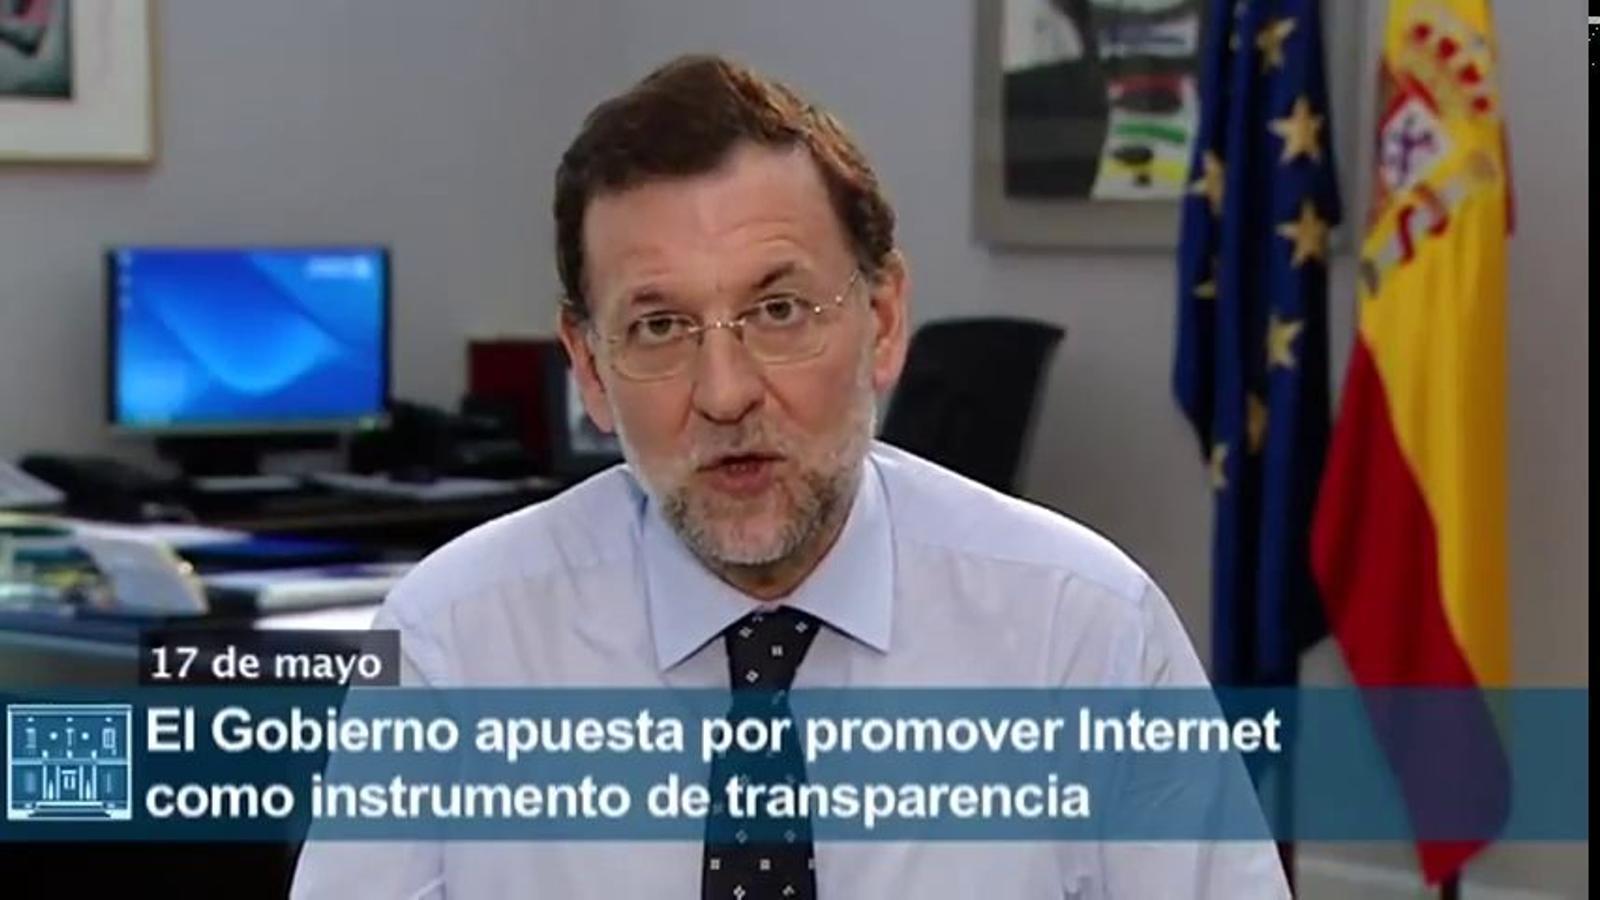 """El repte de Rajoy amb Internet: """"Més transparència a l'Administració"""""""